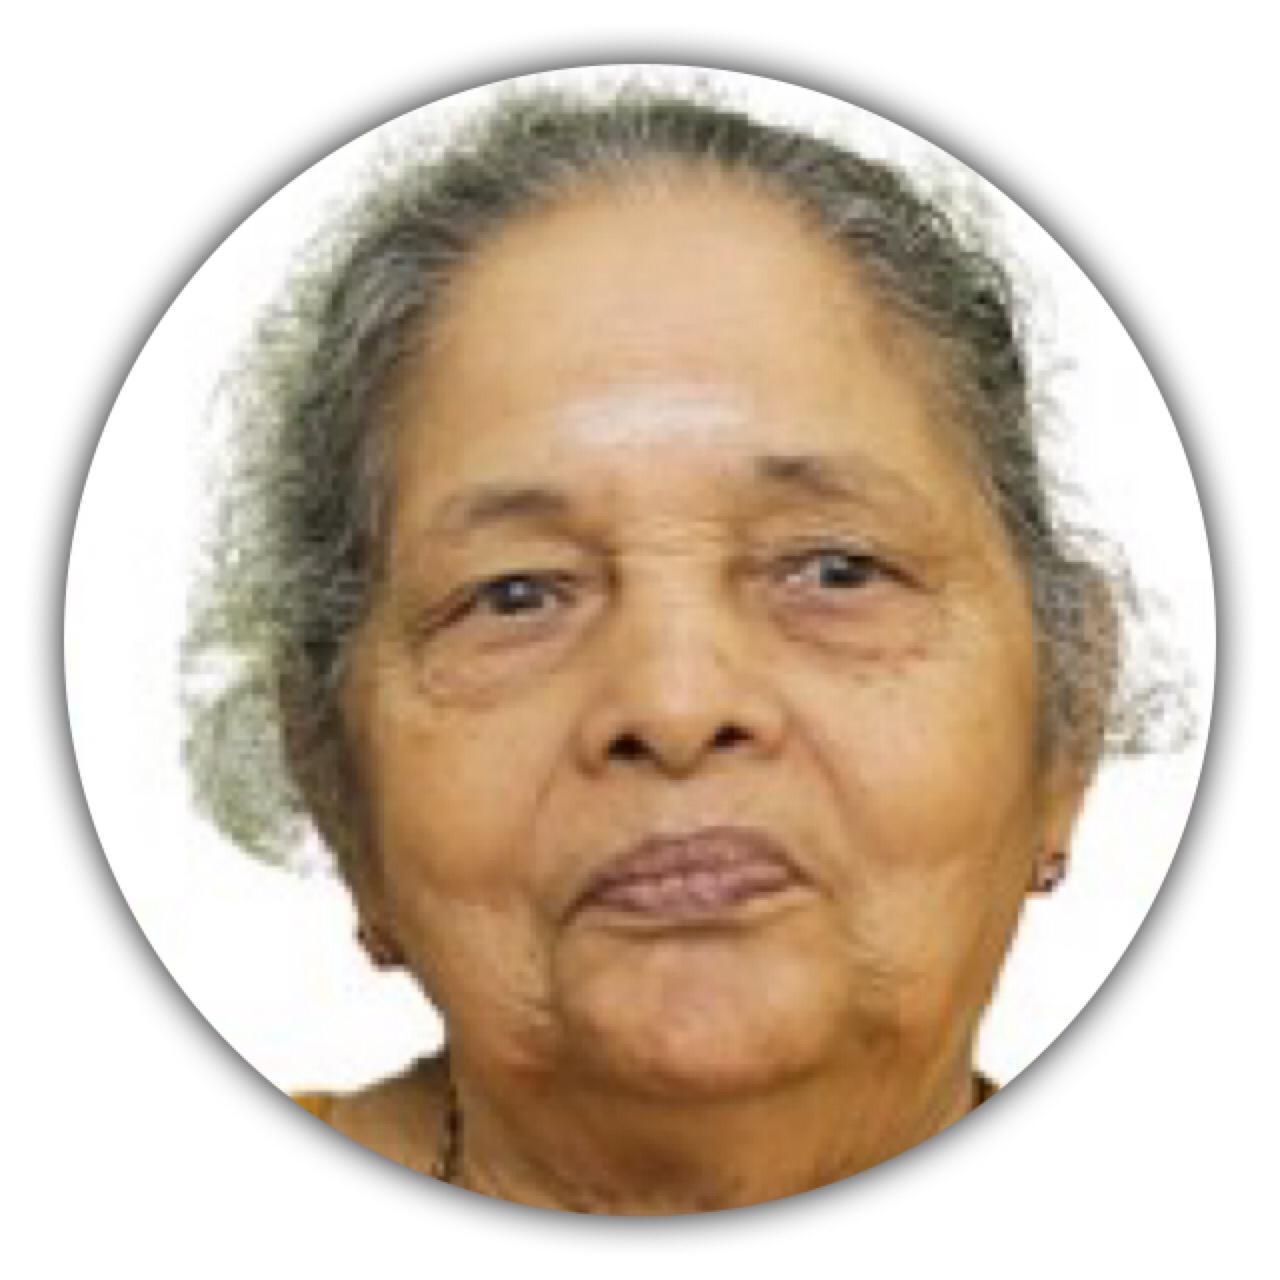 திருமதி. அரியலிங்கம் ஜெகதீஸ்வரி